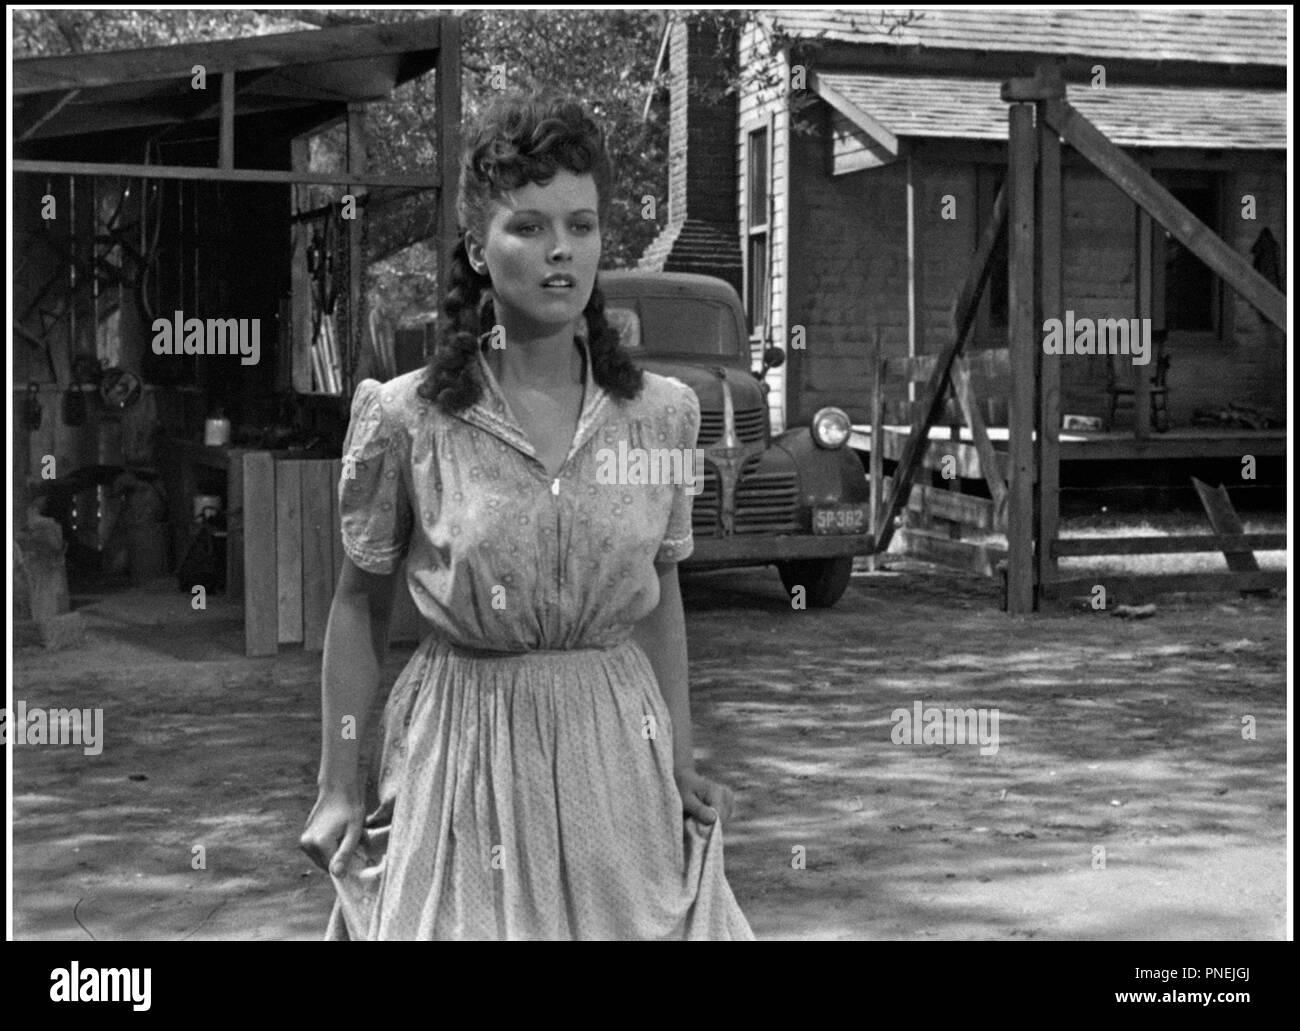 Carol Banawa (b. 1981) pictures